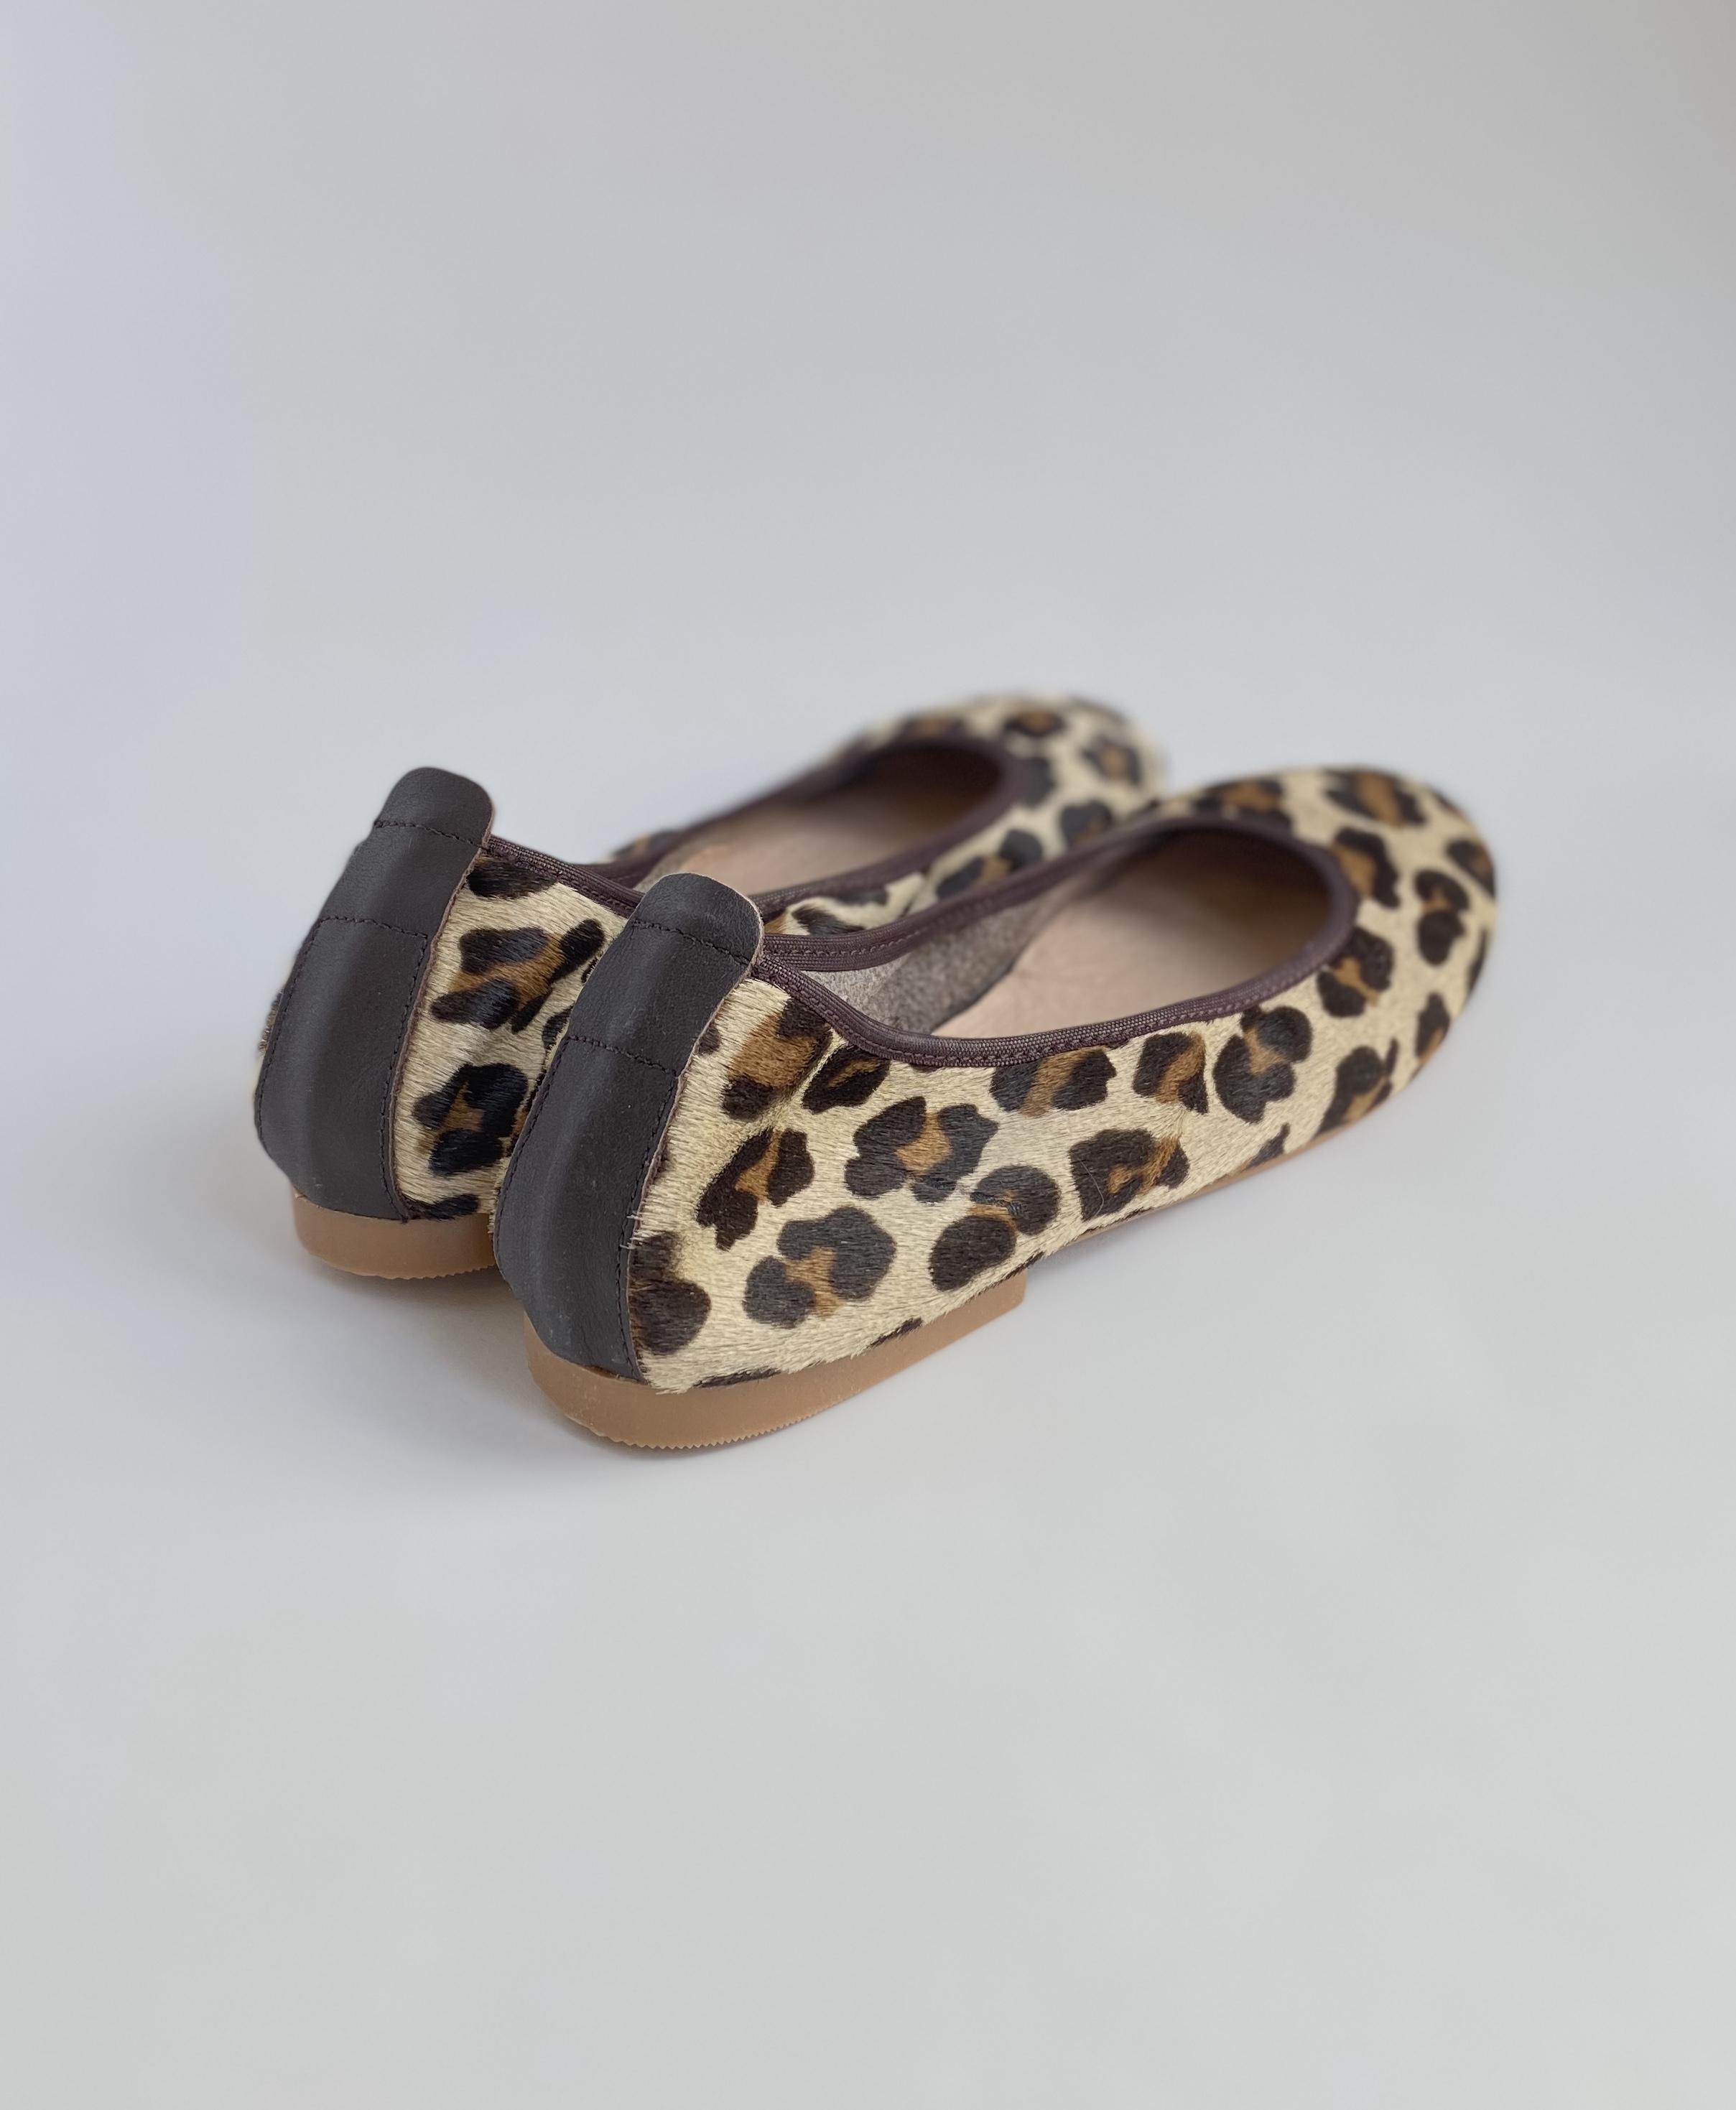 NENS Leopard ballerinas 8160-R